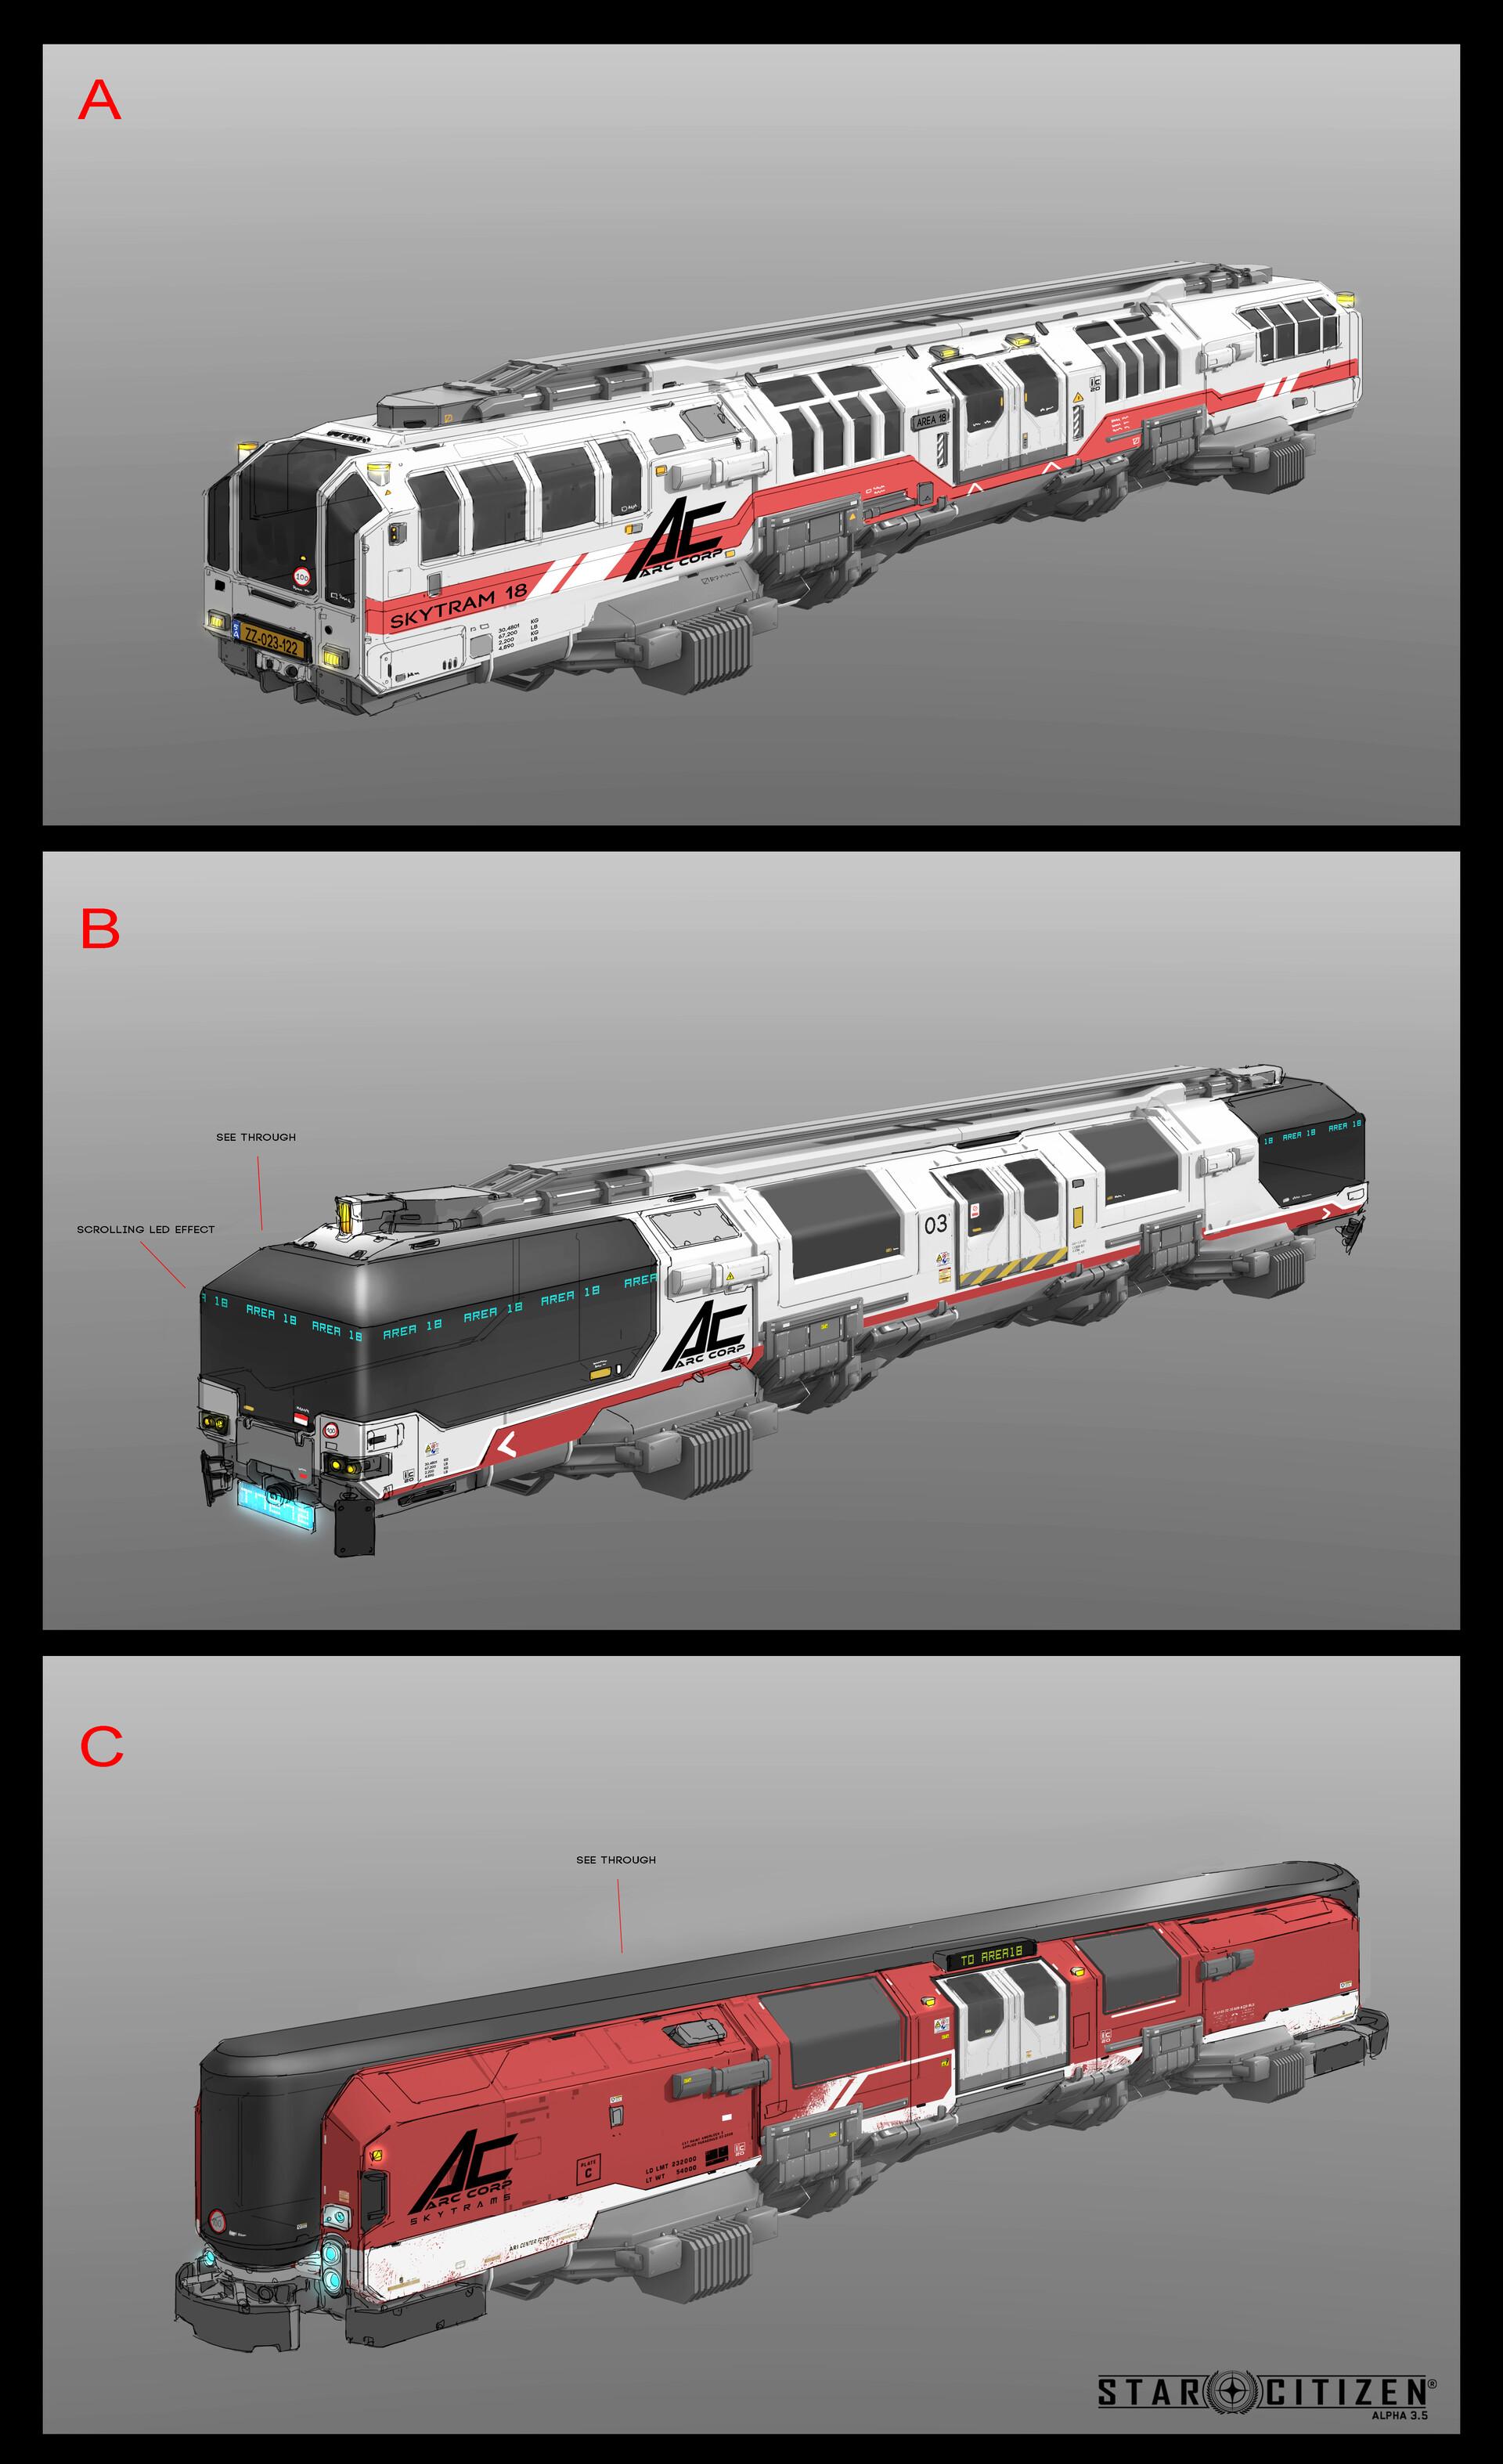 transit vehicle